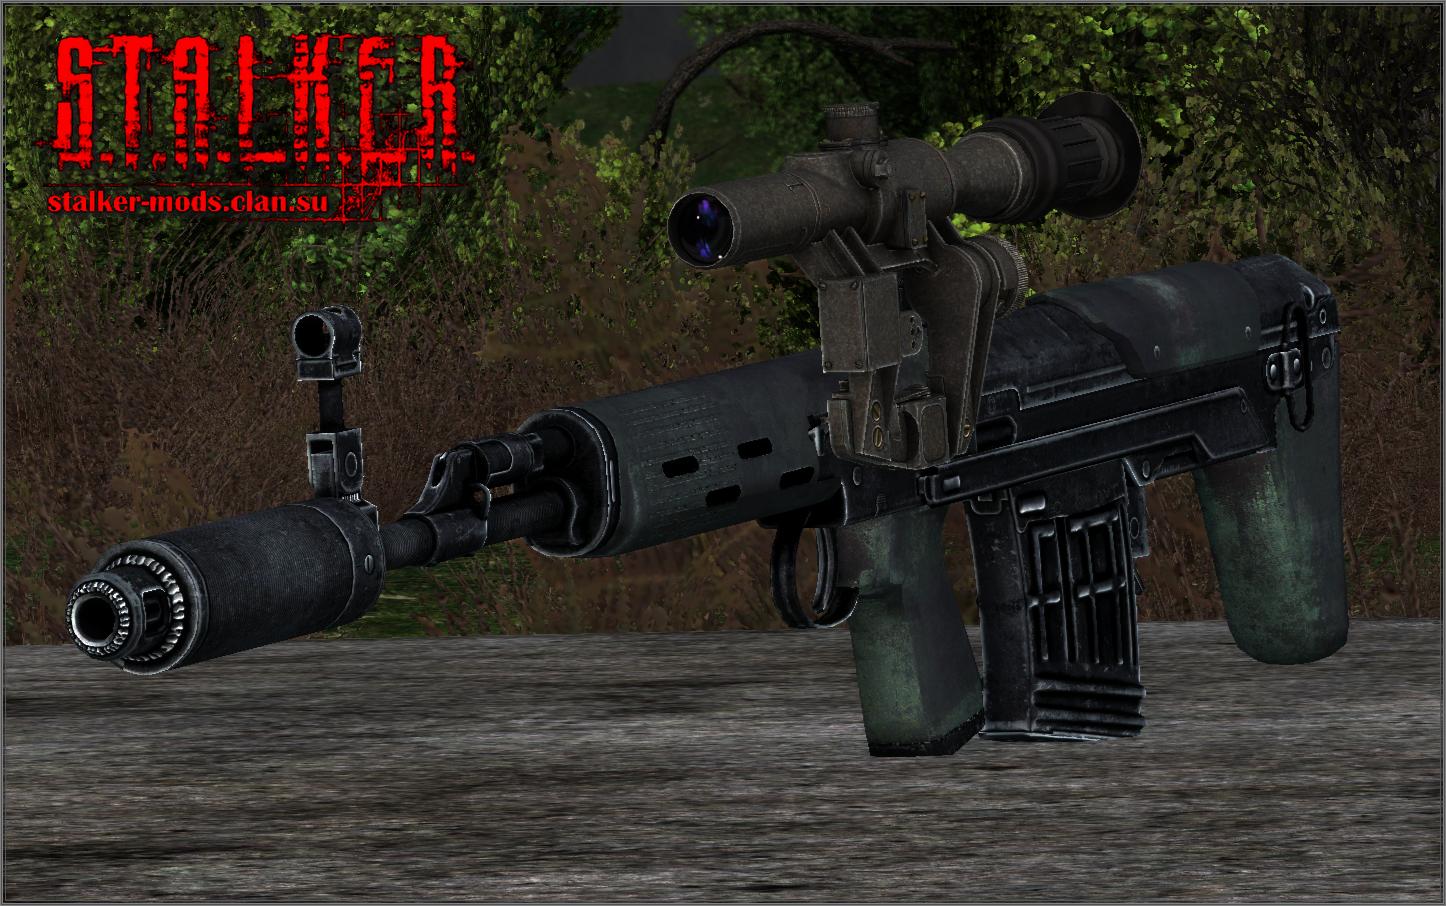 Модель оружия - СВУ-А